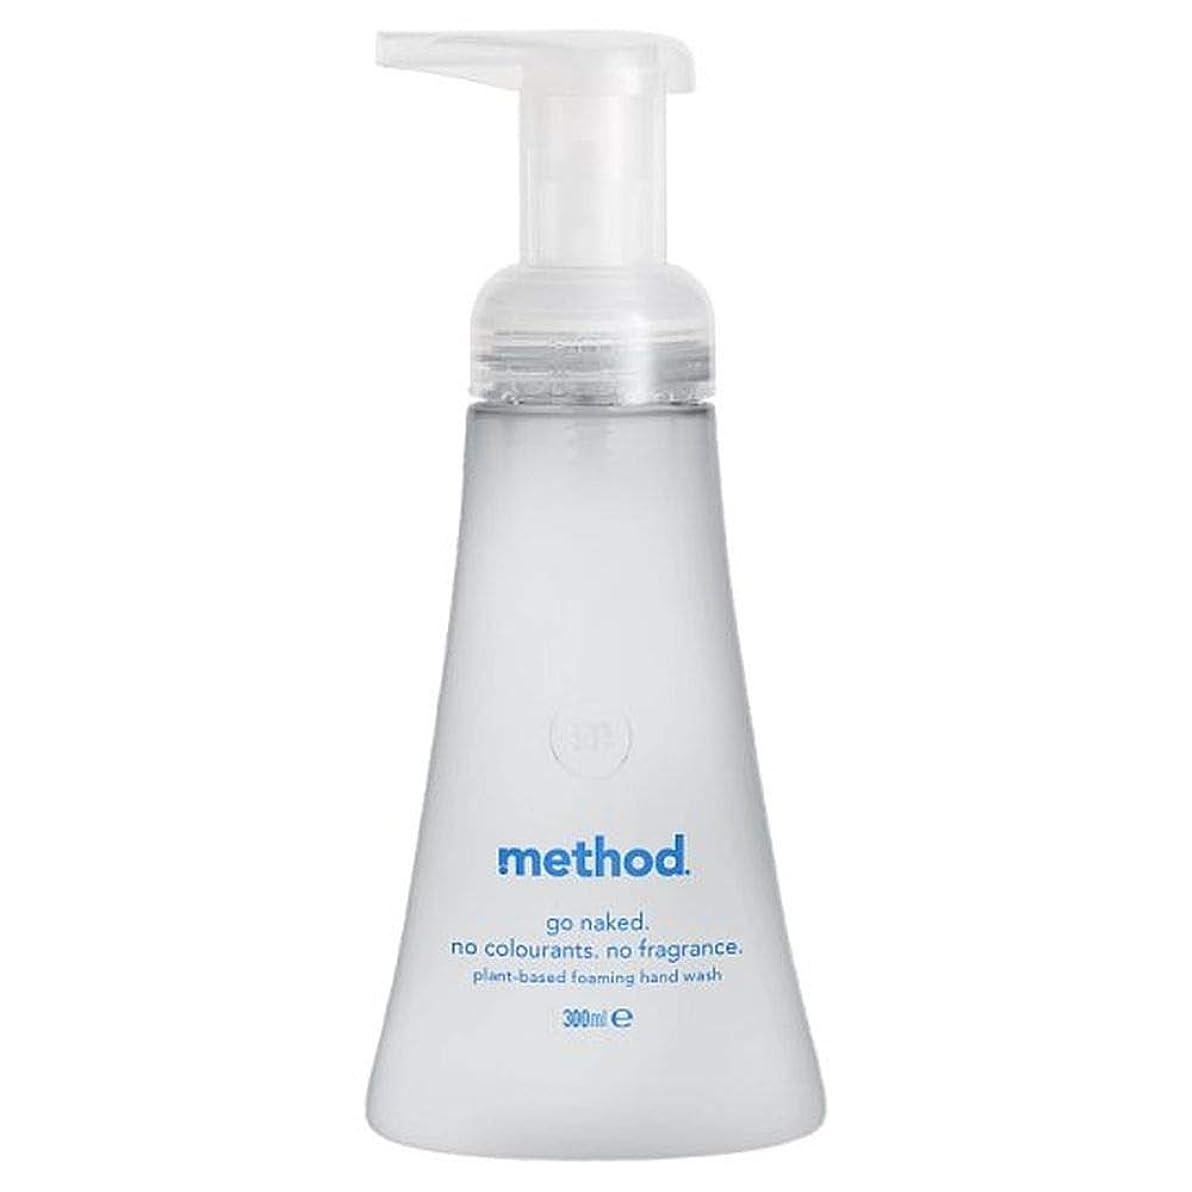 適応サイレン故意の[Method ] メソッド裸発泡手洗いの300ミリリットル - Method Naked Foaming Handwash 300Ml [並行輸入品]